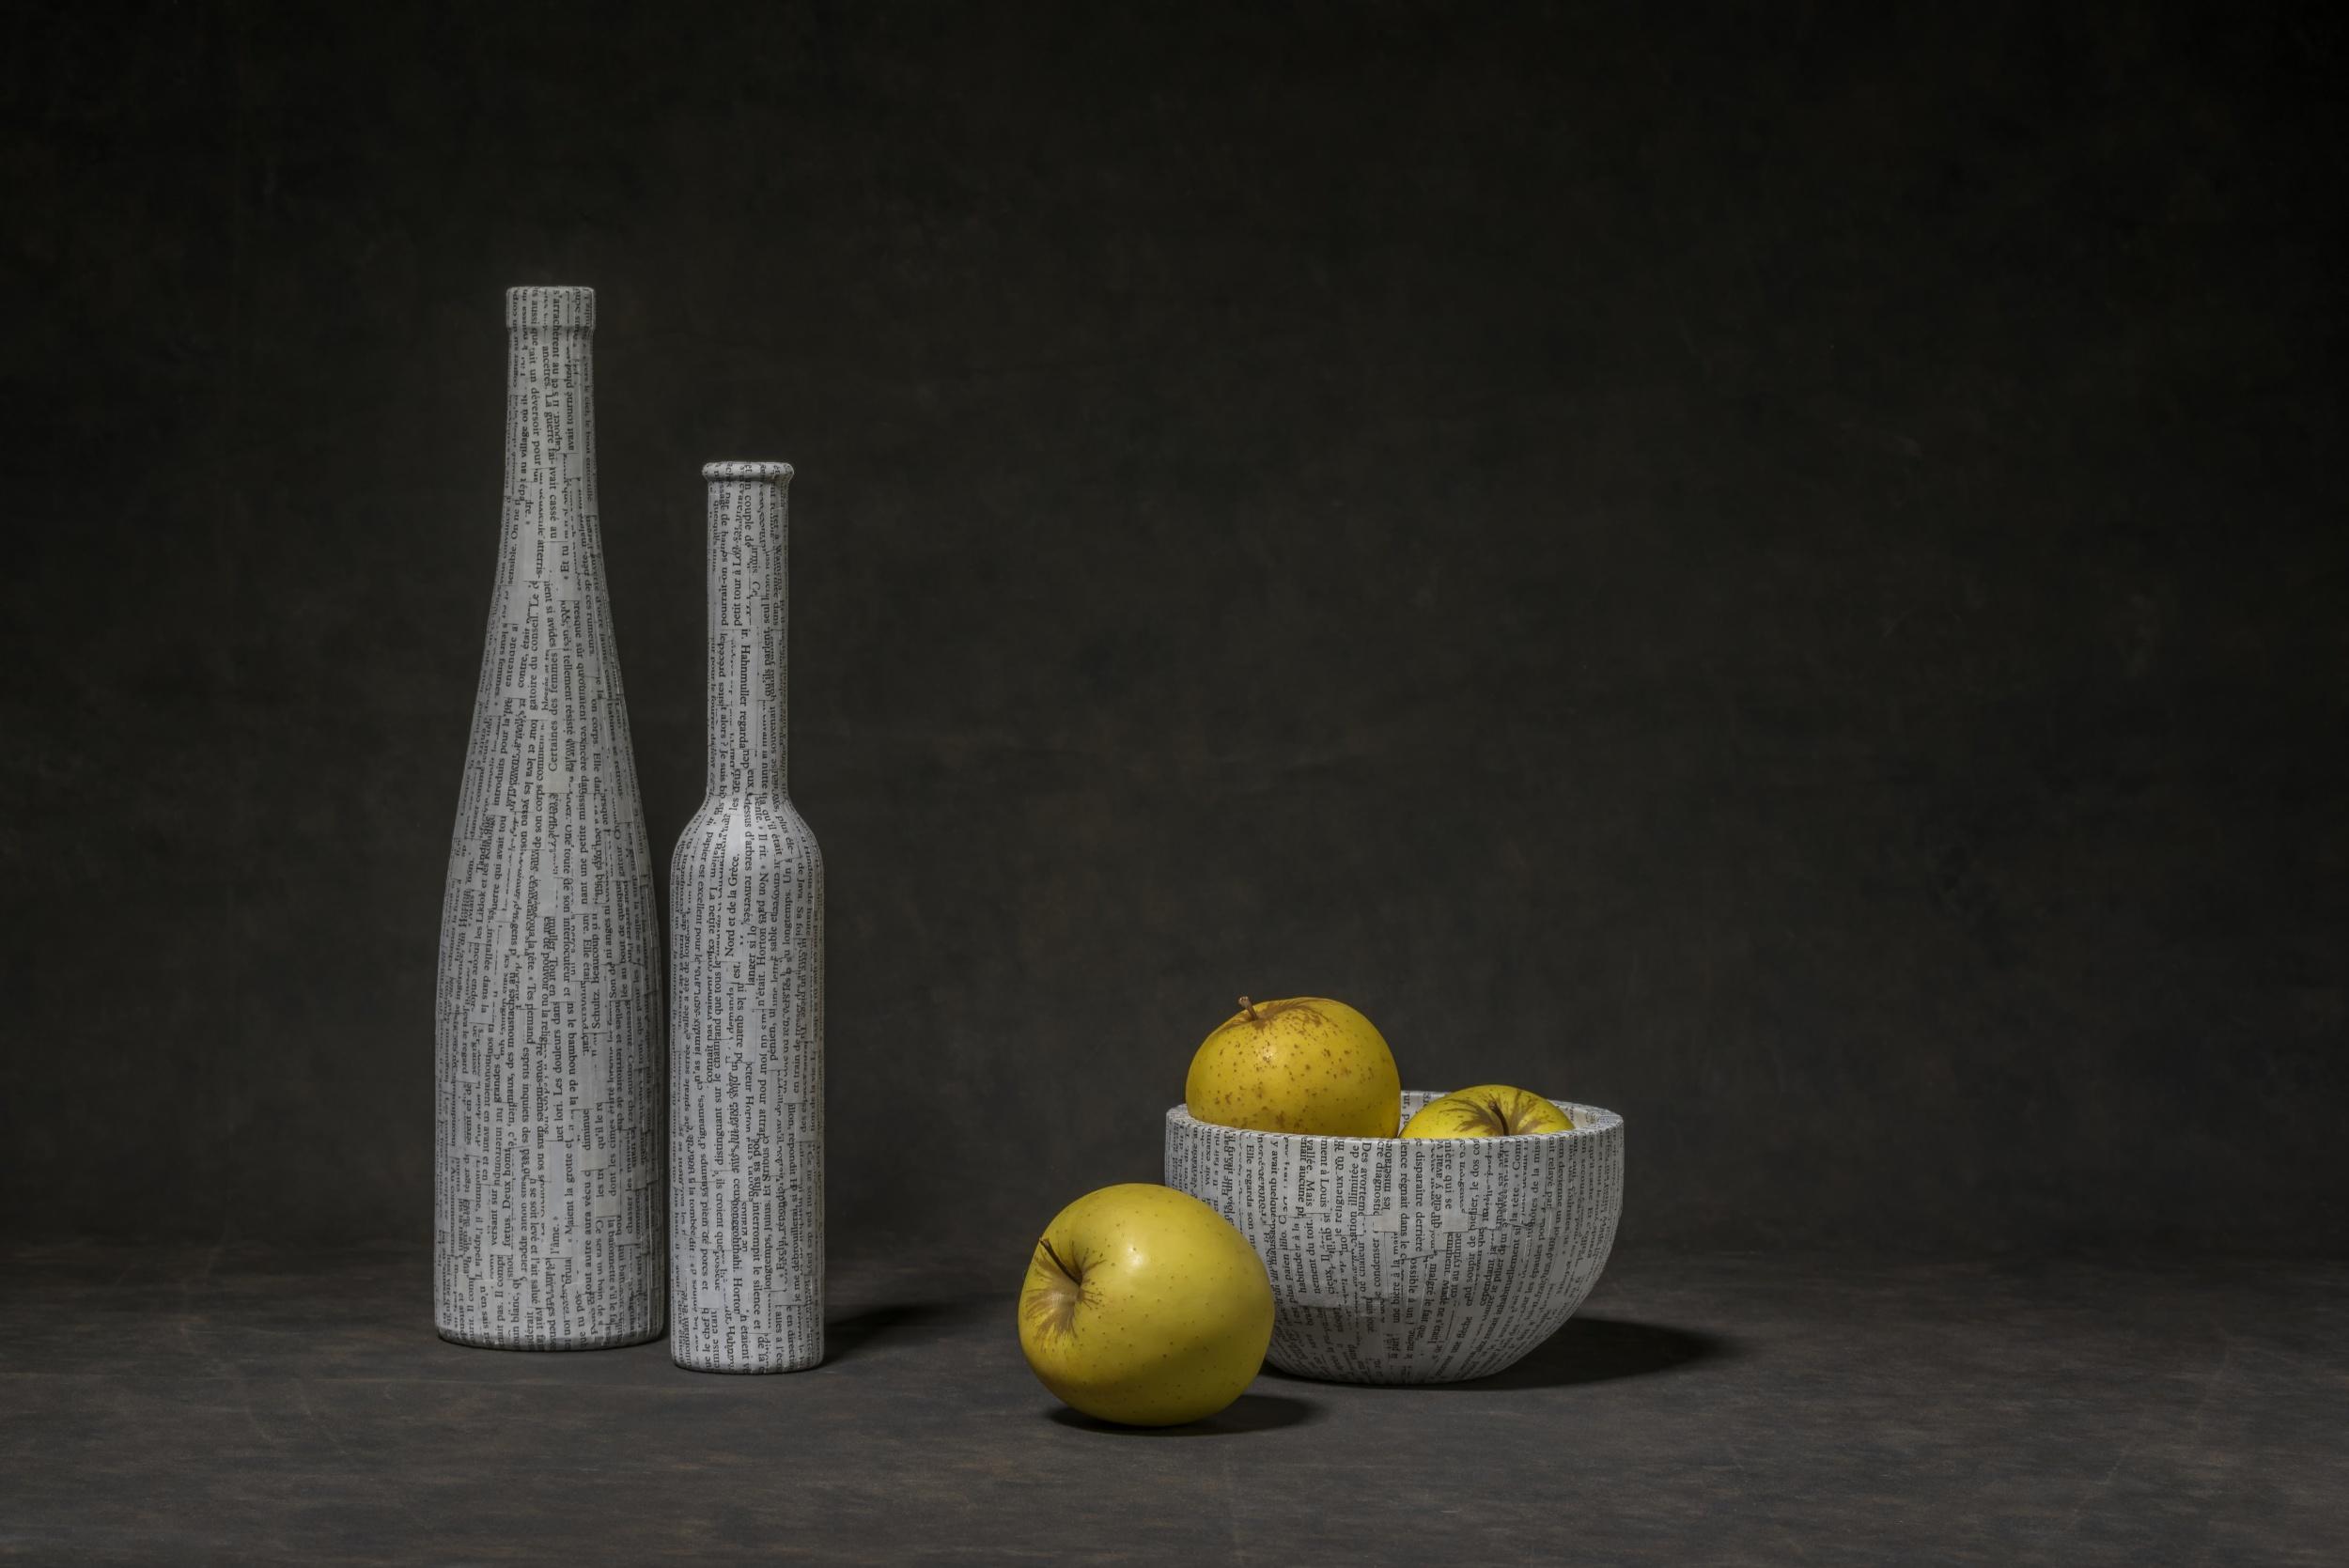 Merlino Bottega D Arte christophe verot - photography | apples